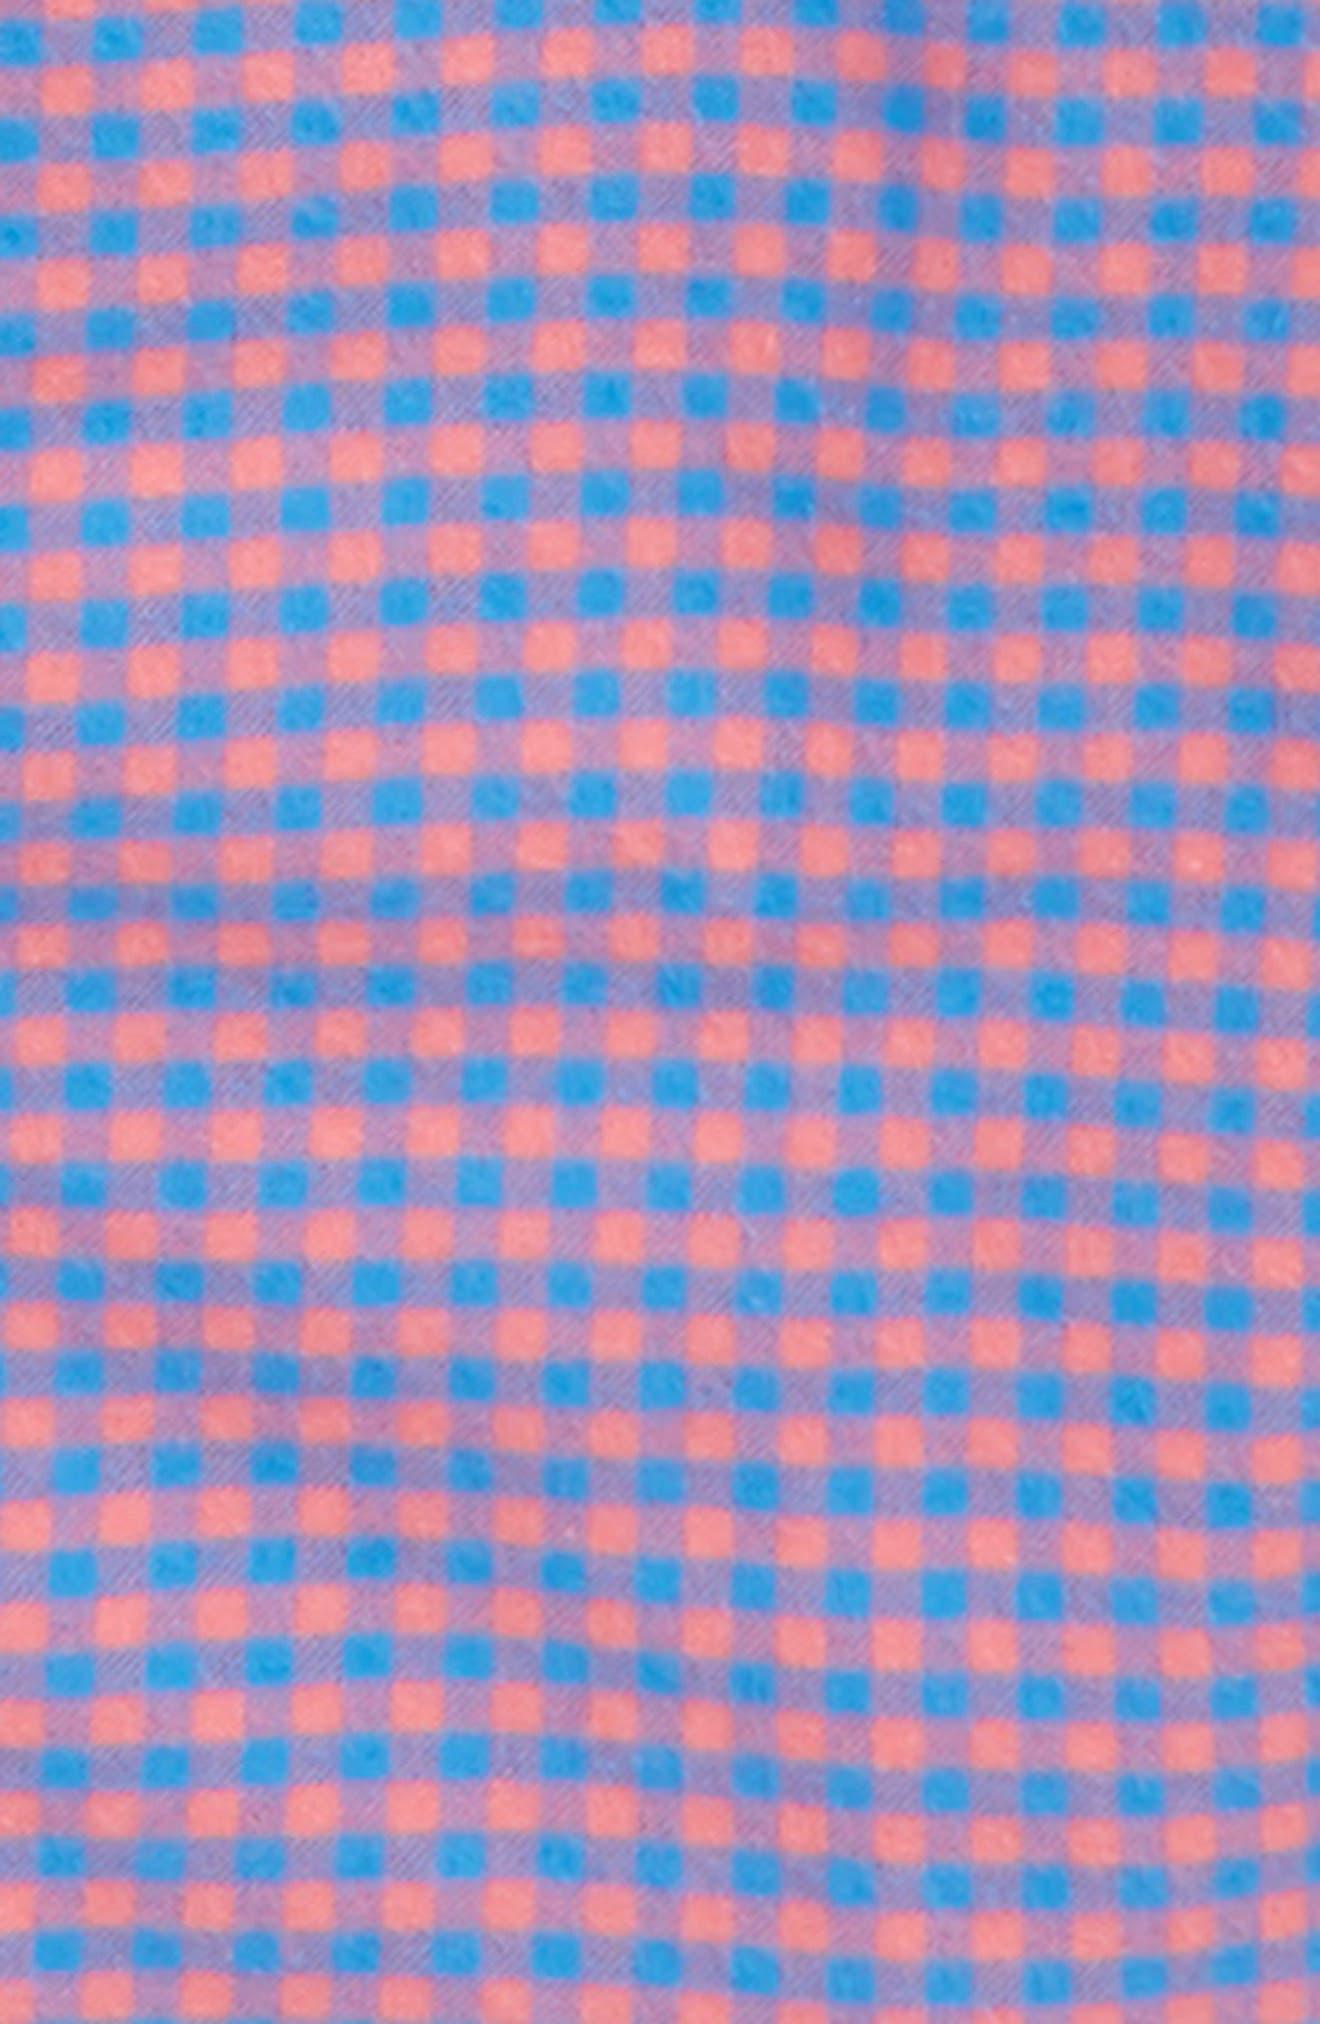 Sandy Point Plaid Whale Flannel Shirt,                             Alternate thumbnail 2, color,                             400